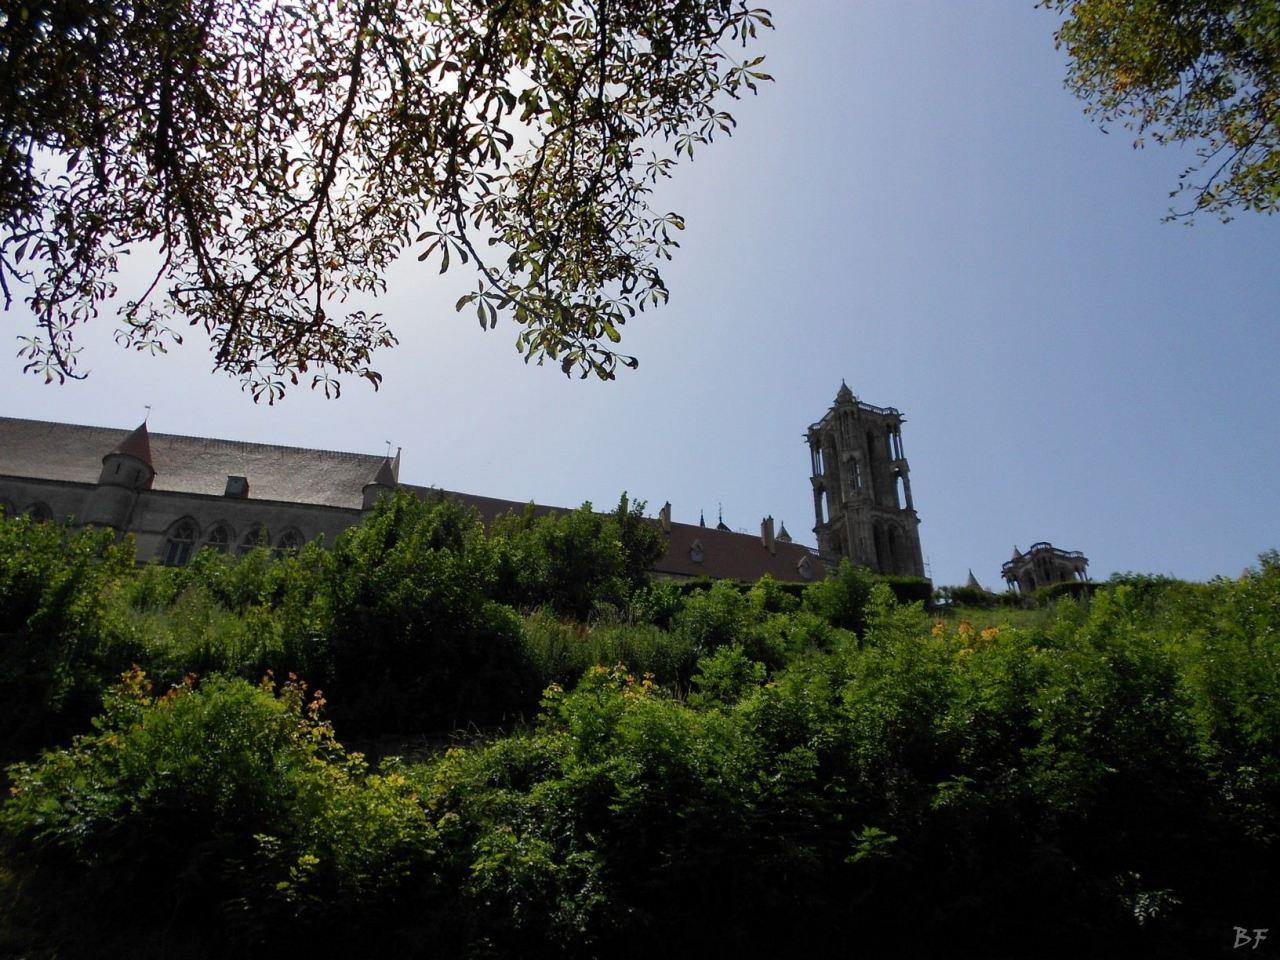 Cattedrale-Gotica-della-Vergine-di-Laon-Aisne-Hauts-de-France-28